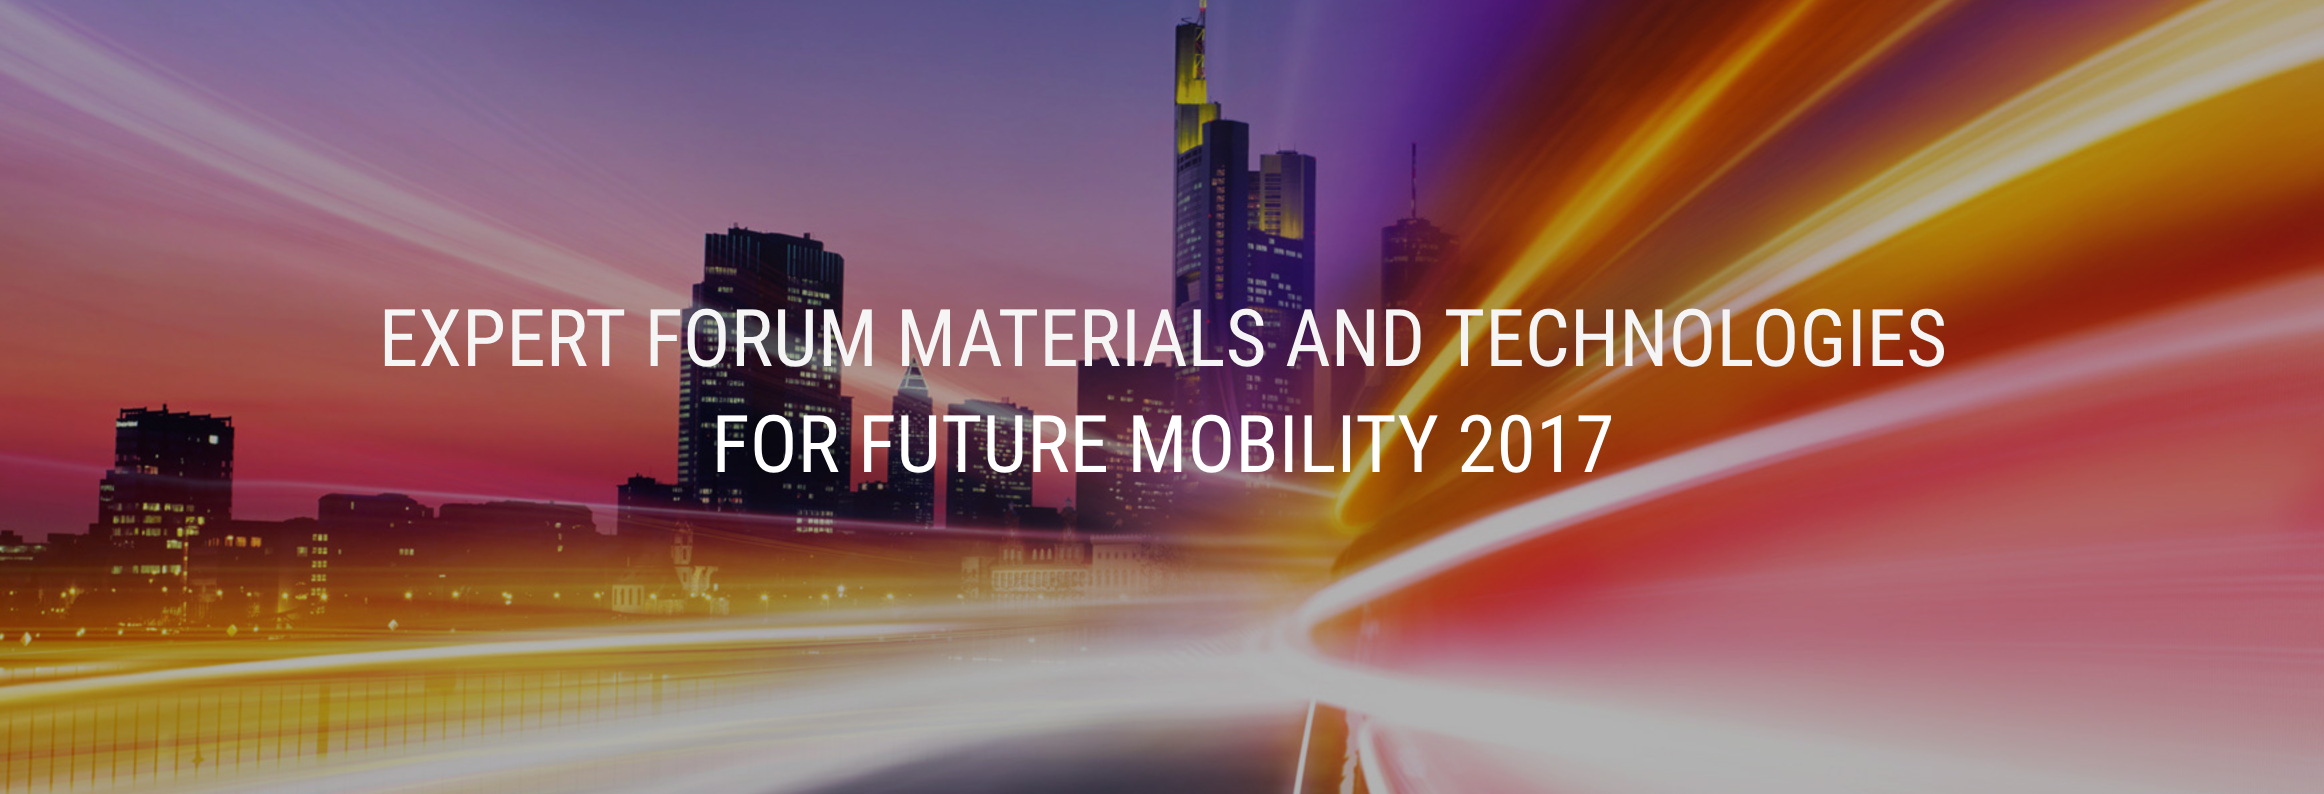 Expert Forum Materials and Technologies: la mobilità del futuro in Francia il 5 e 6 settembre